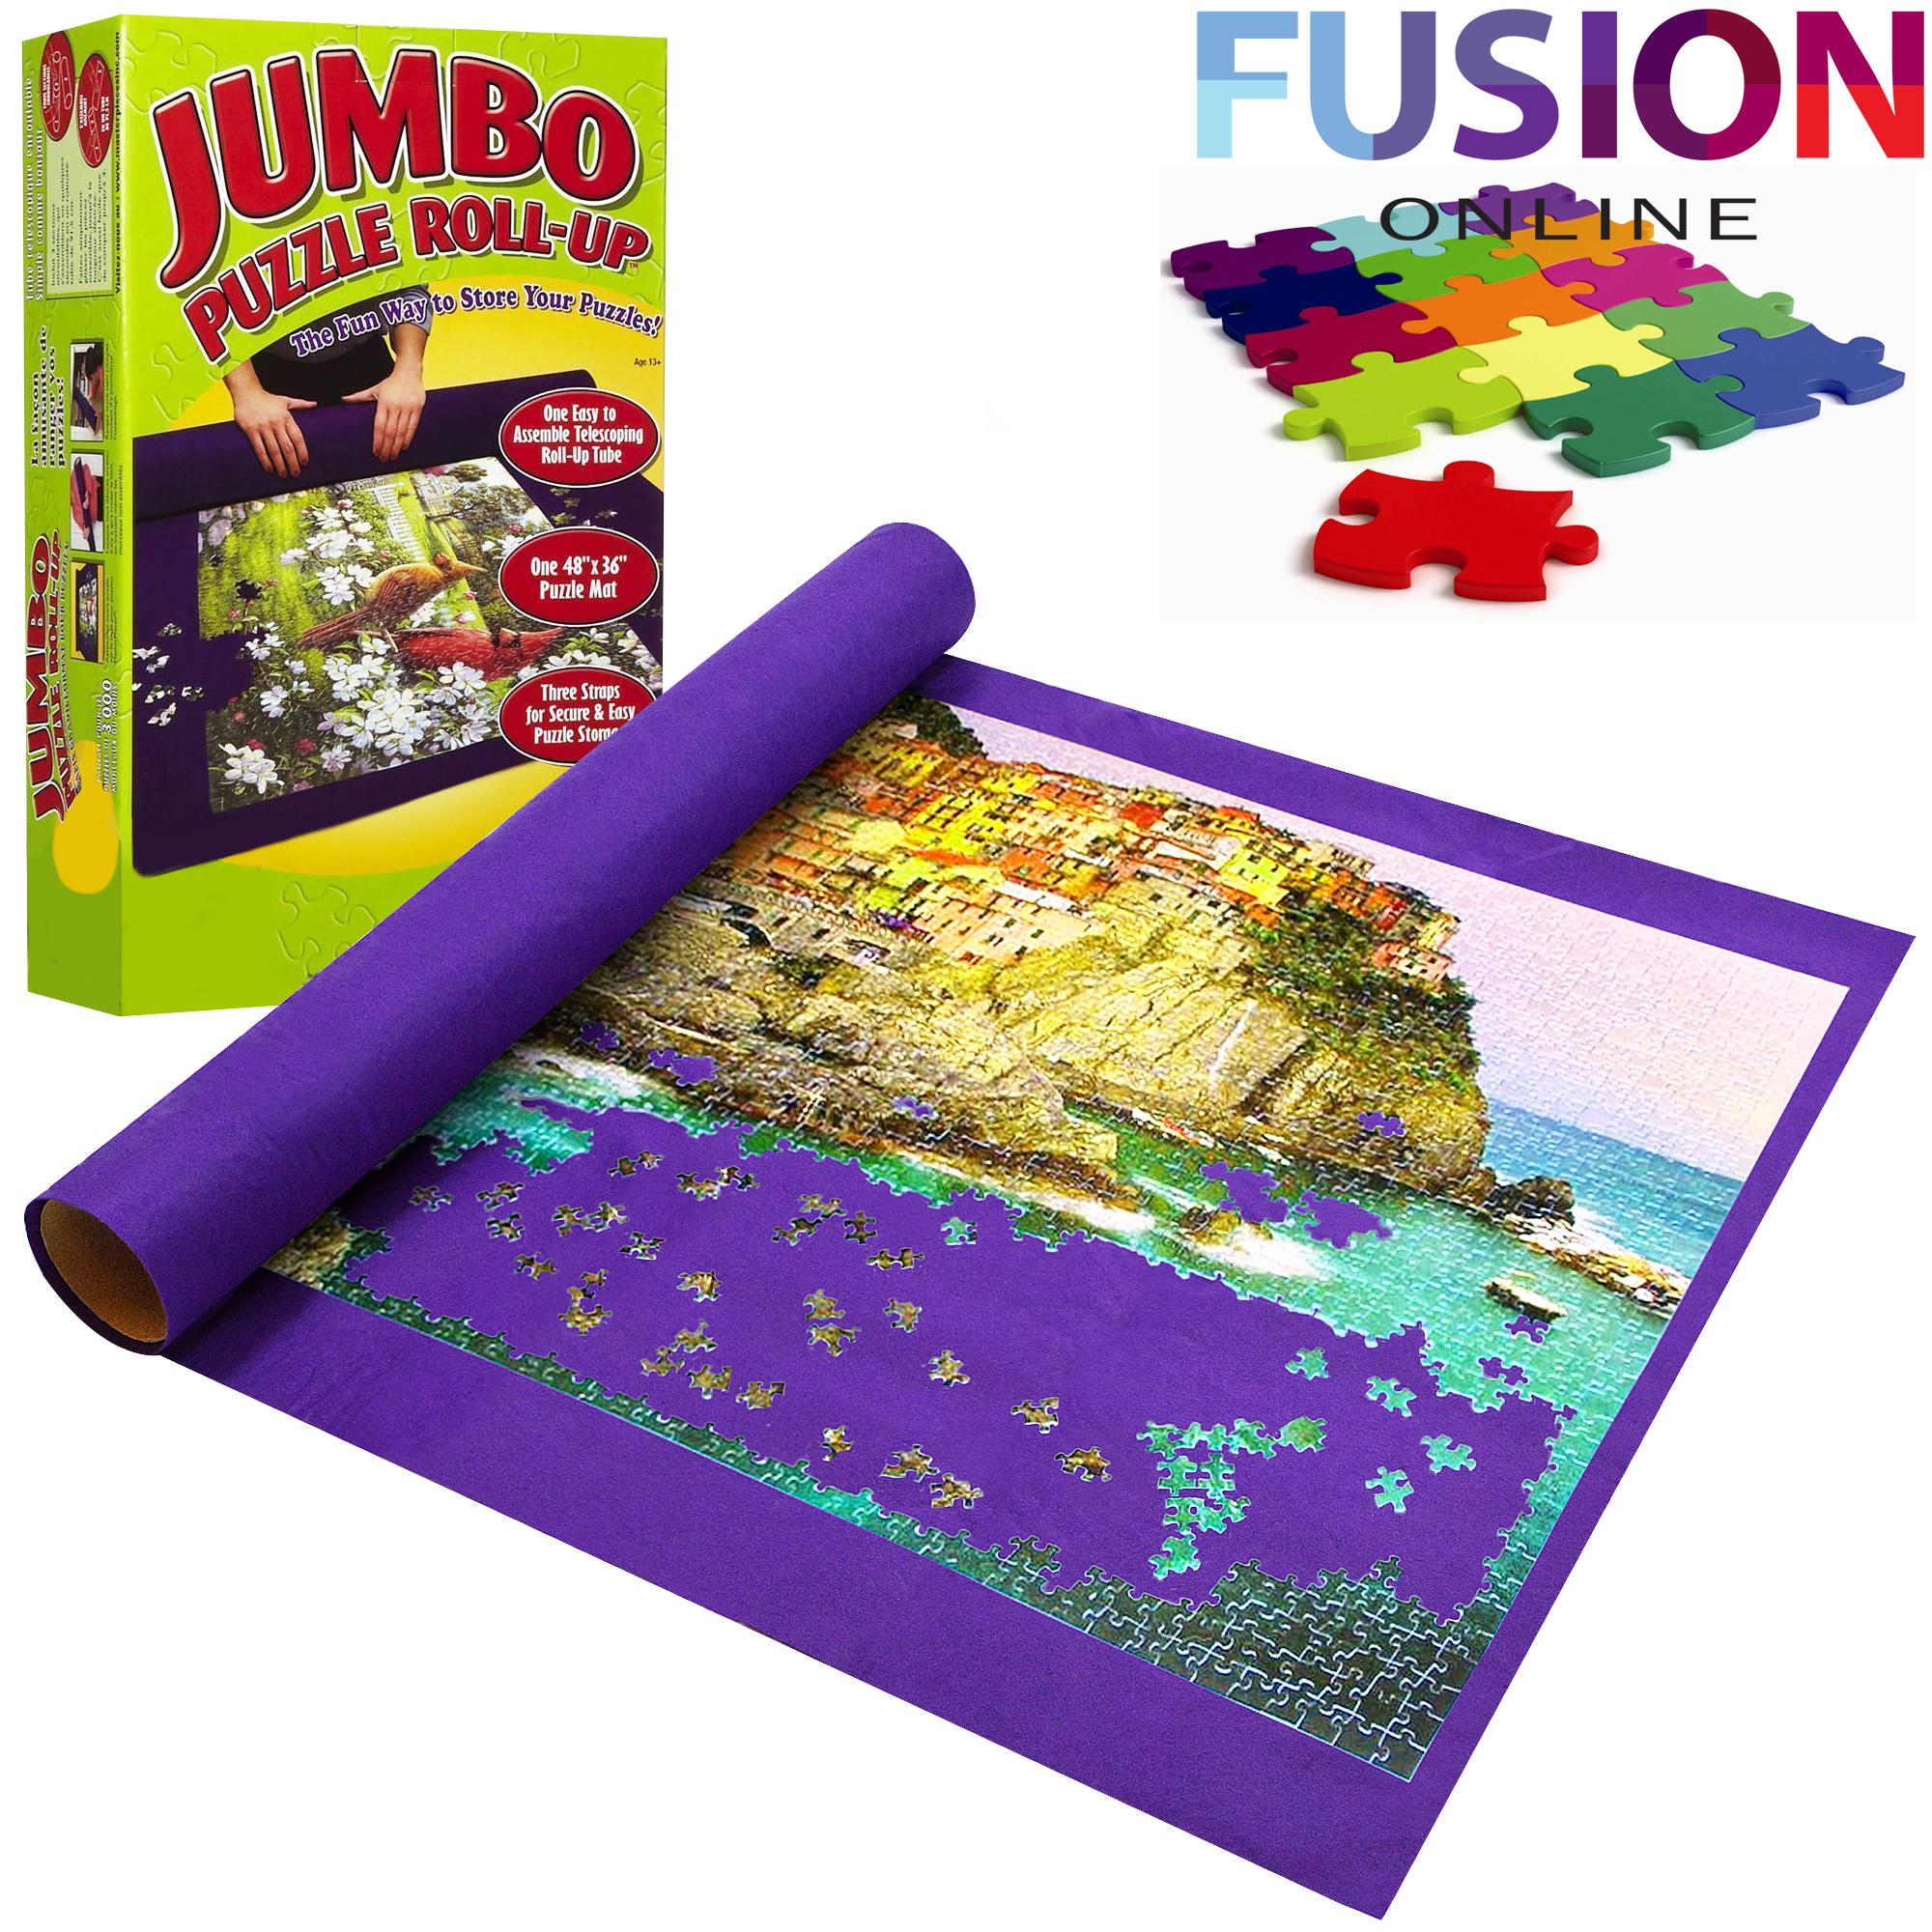 Arcade Candy Grabber Machine Toy Claw Game Kids Fun Crane